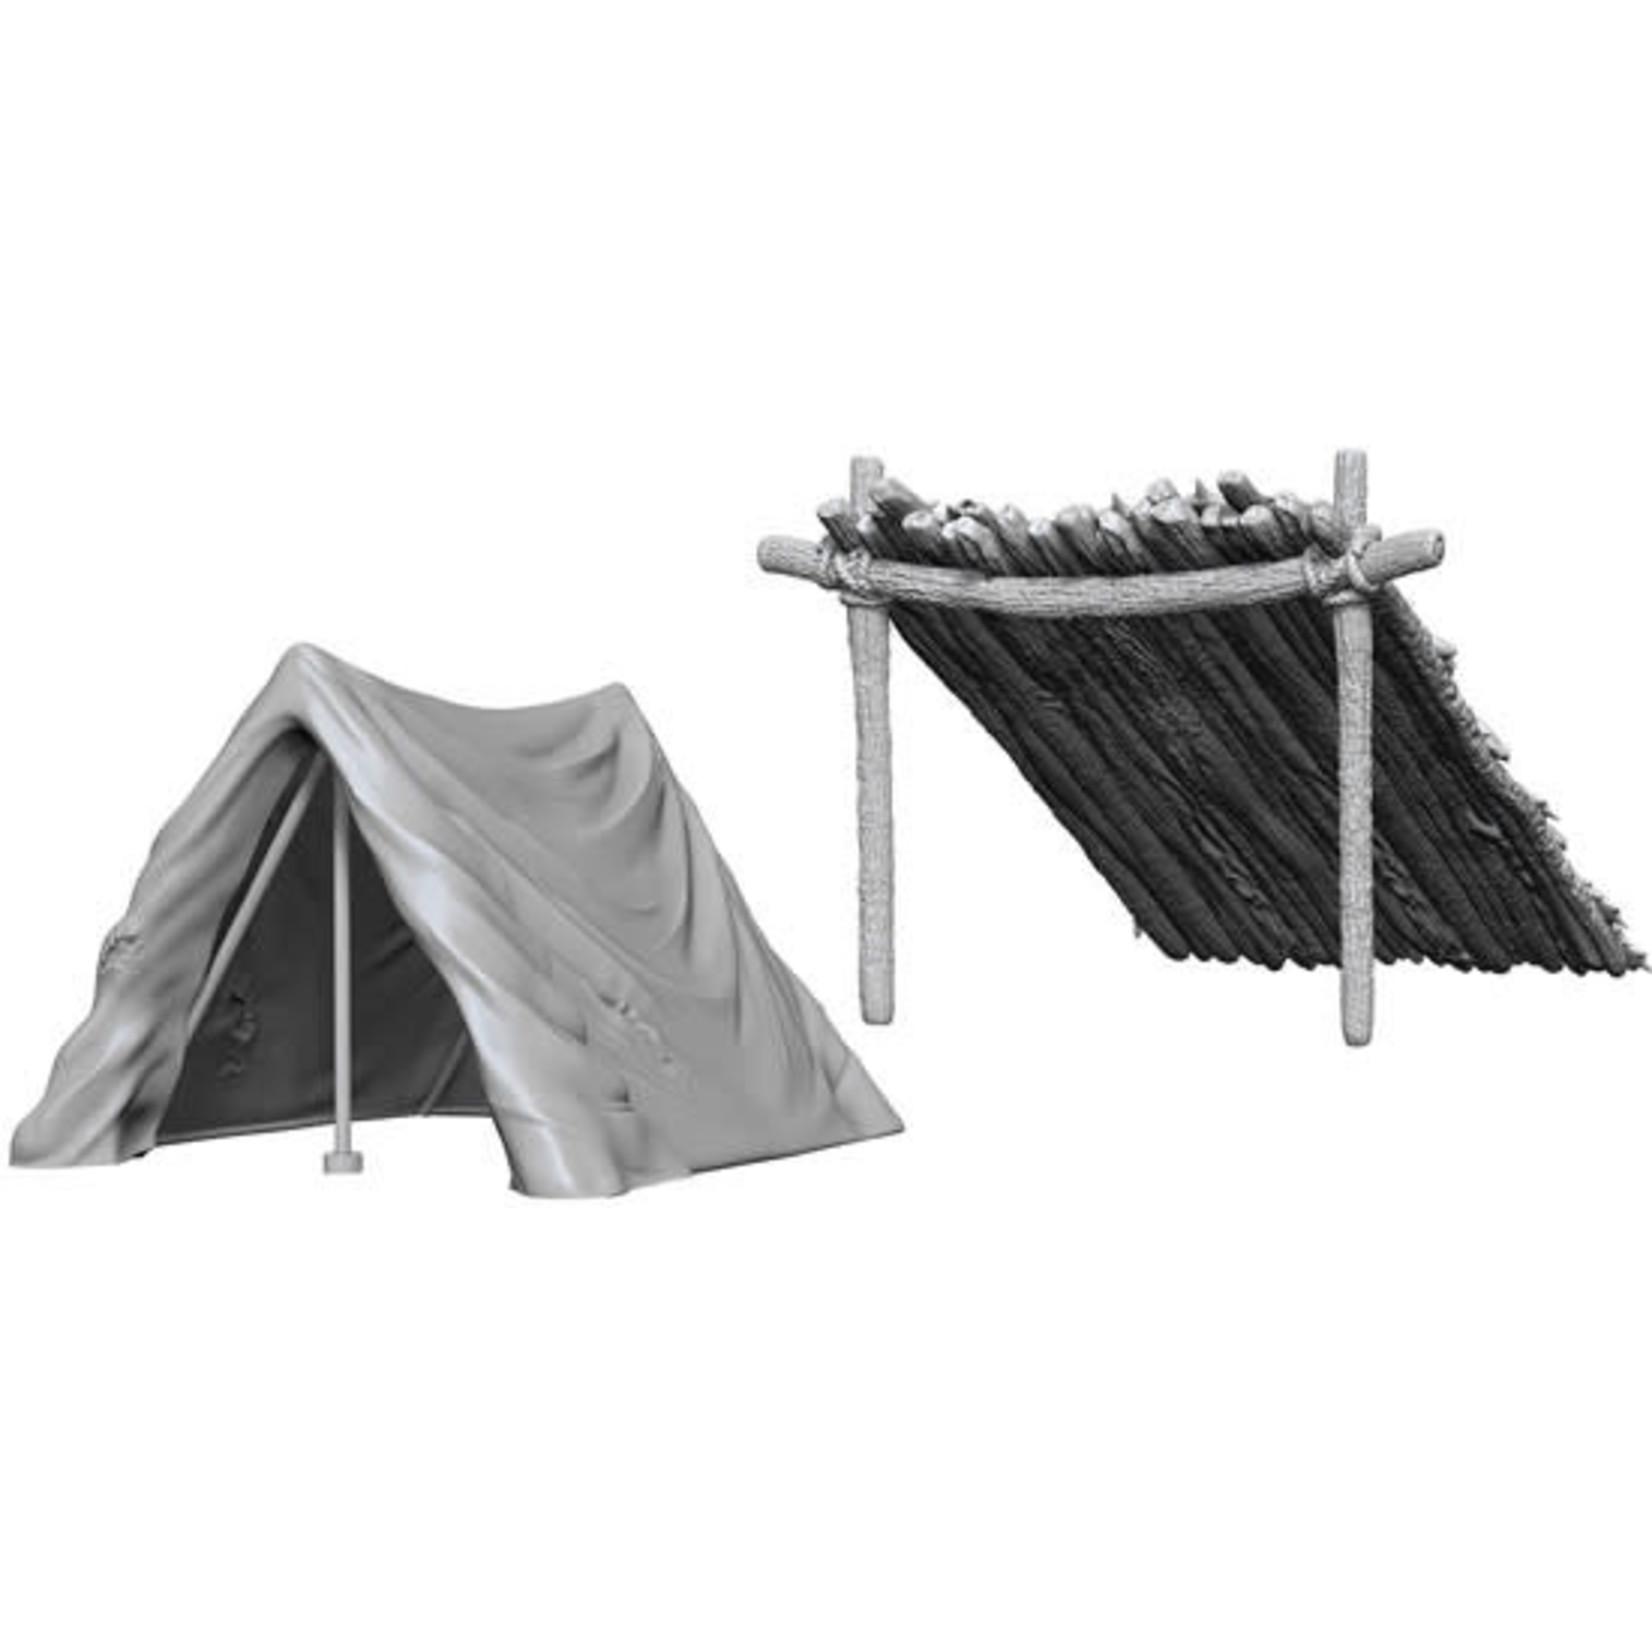 D&D Unpainted Minis: Tent & Lean-To (Wave 10)